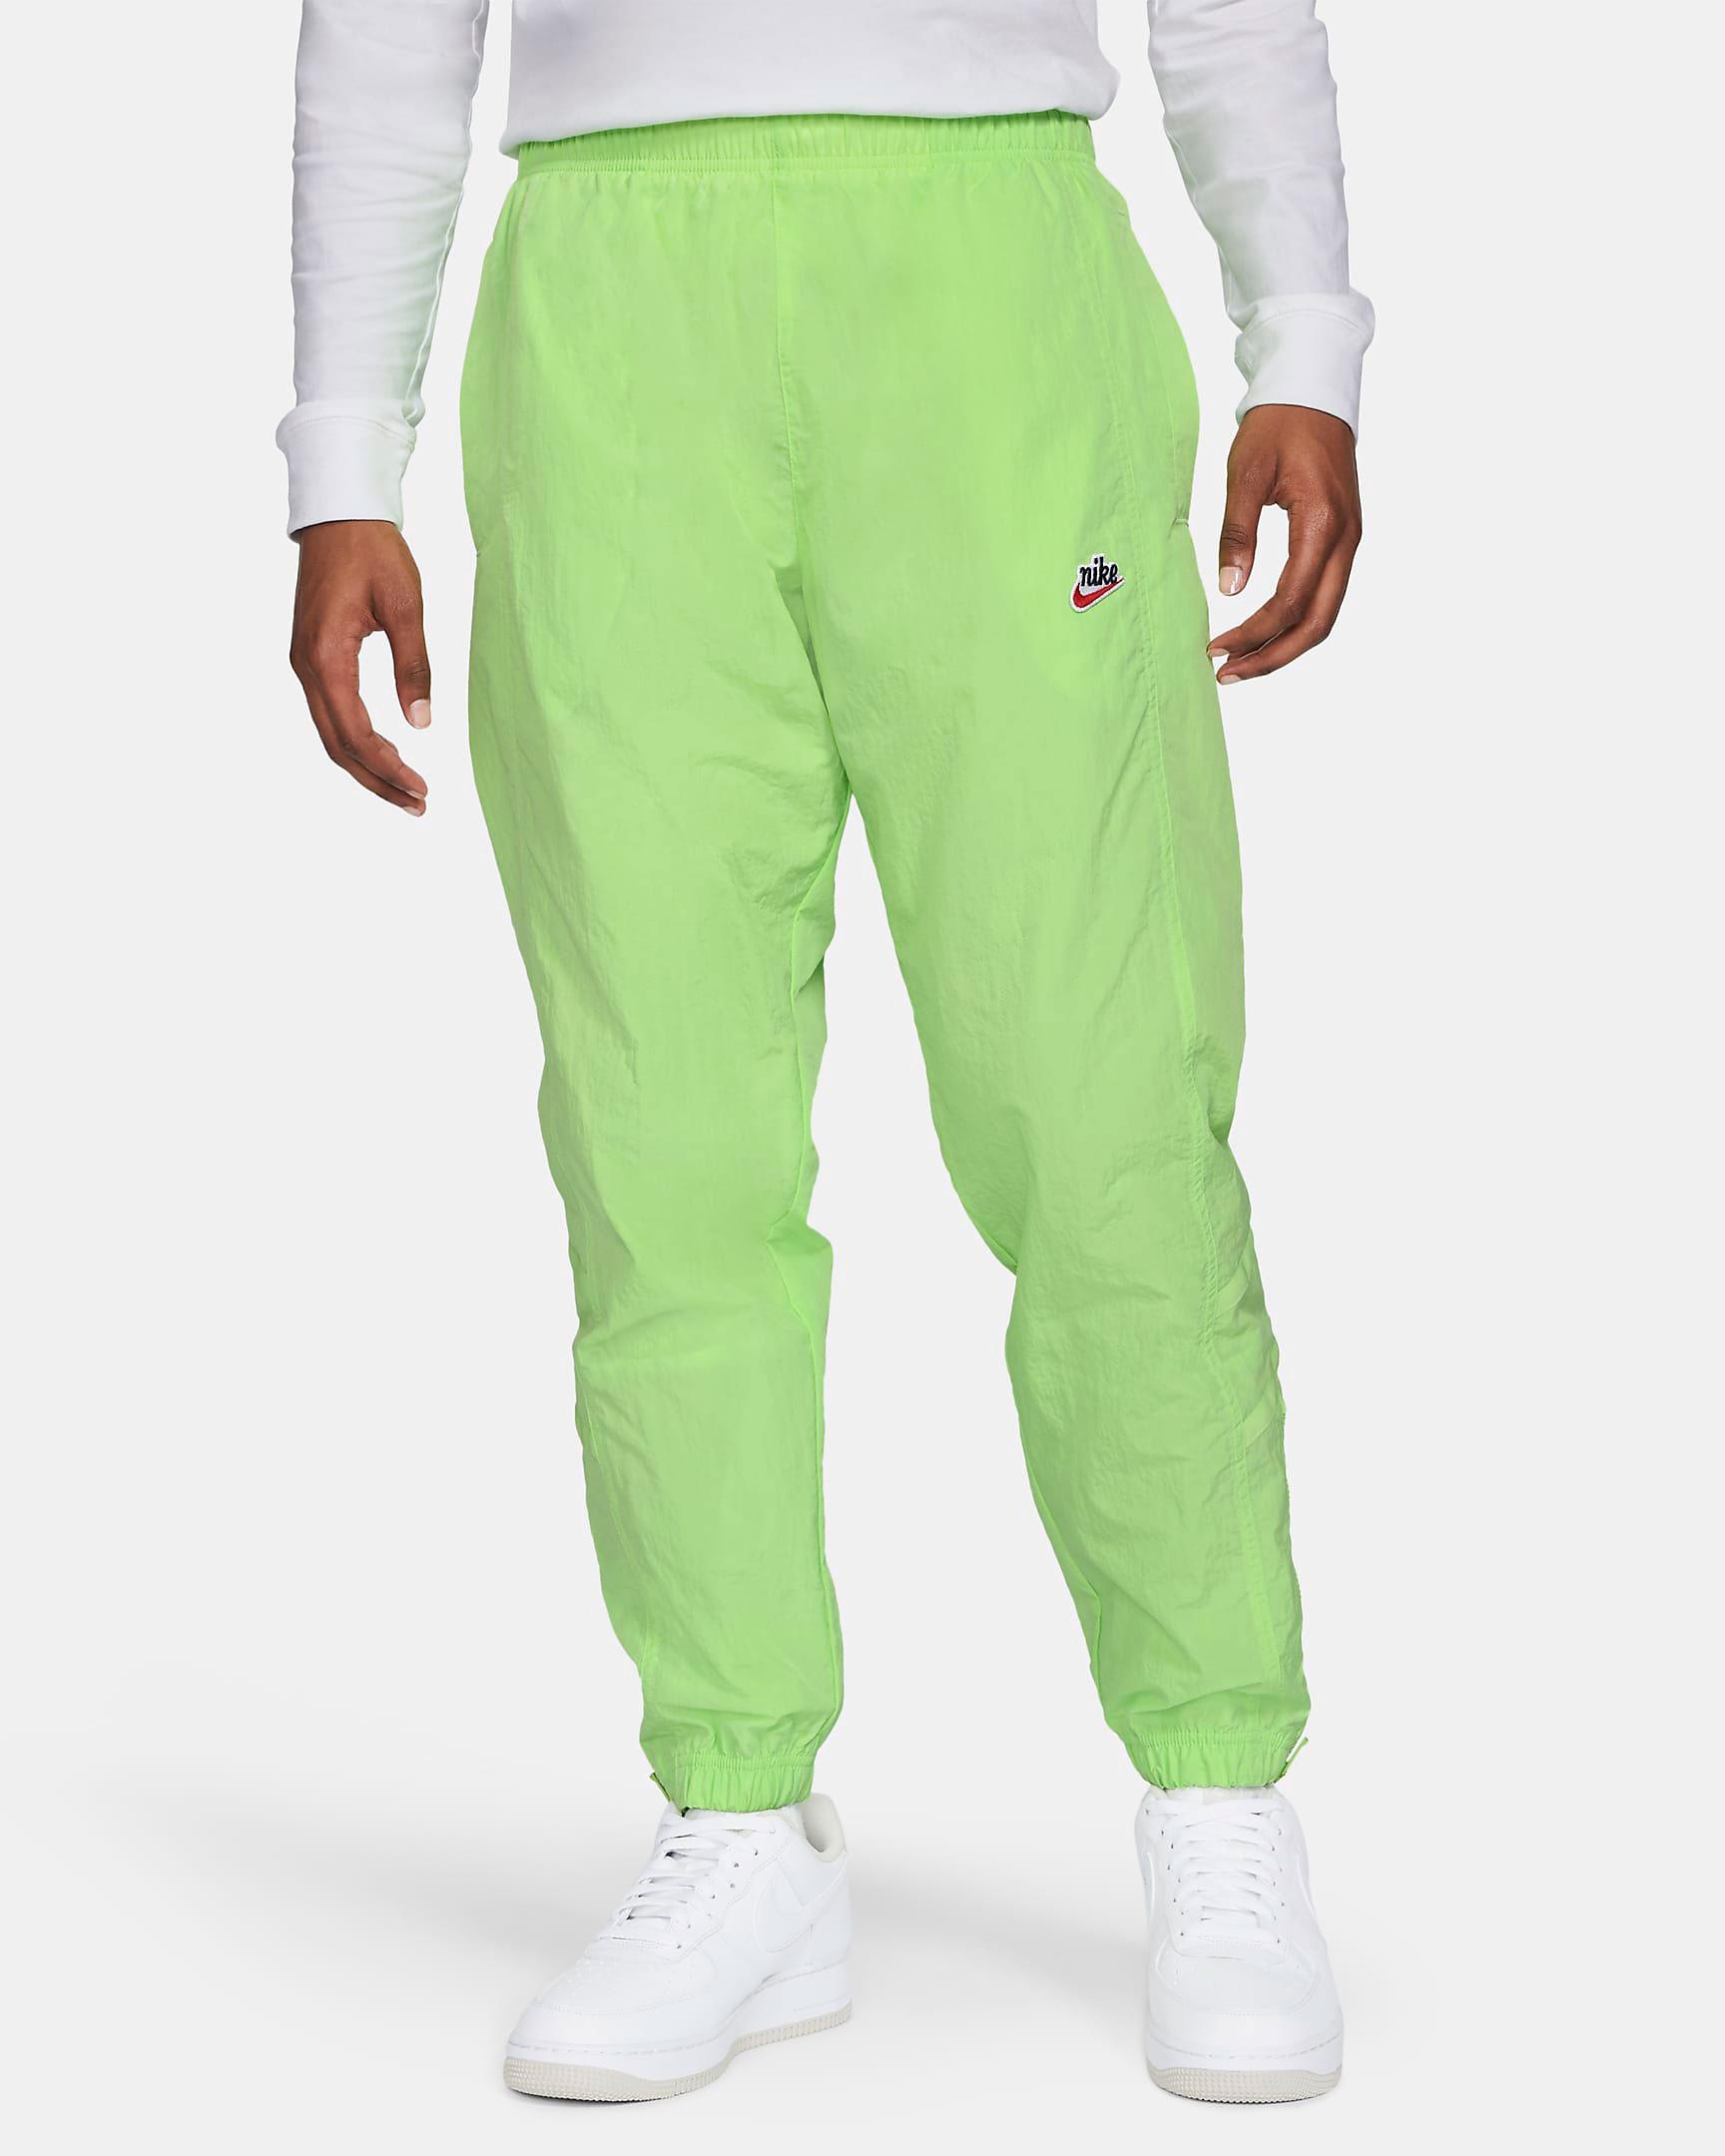 nike-sportswear-hetitage-woven-pants-key-lime